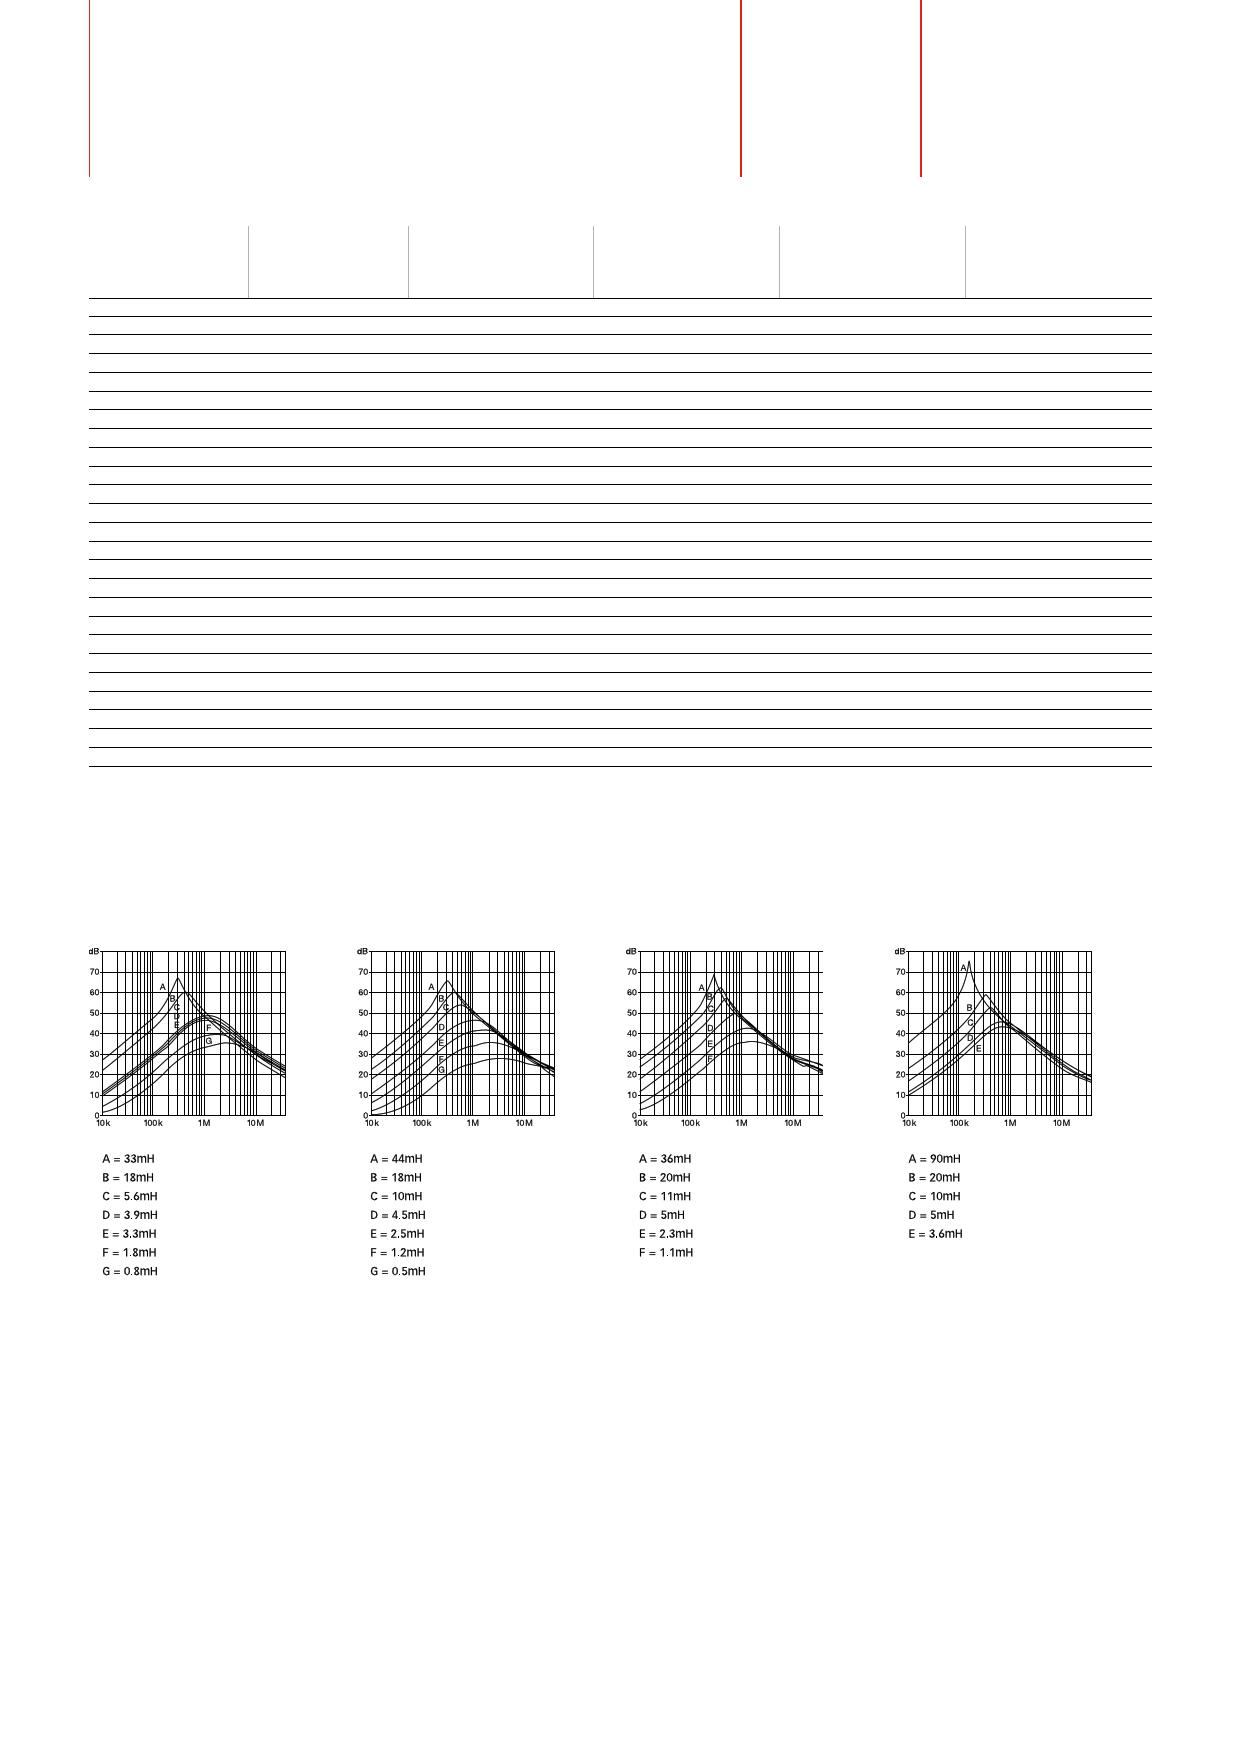 EH20-1.5-02-1M8 pdf, equivalent, schematic